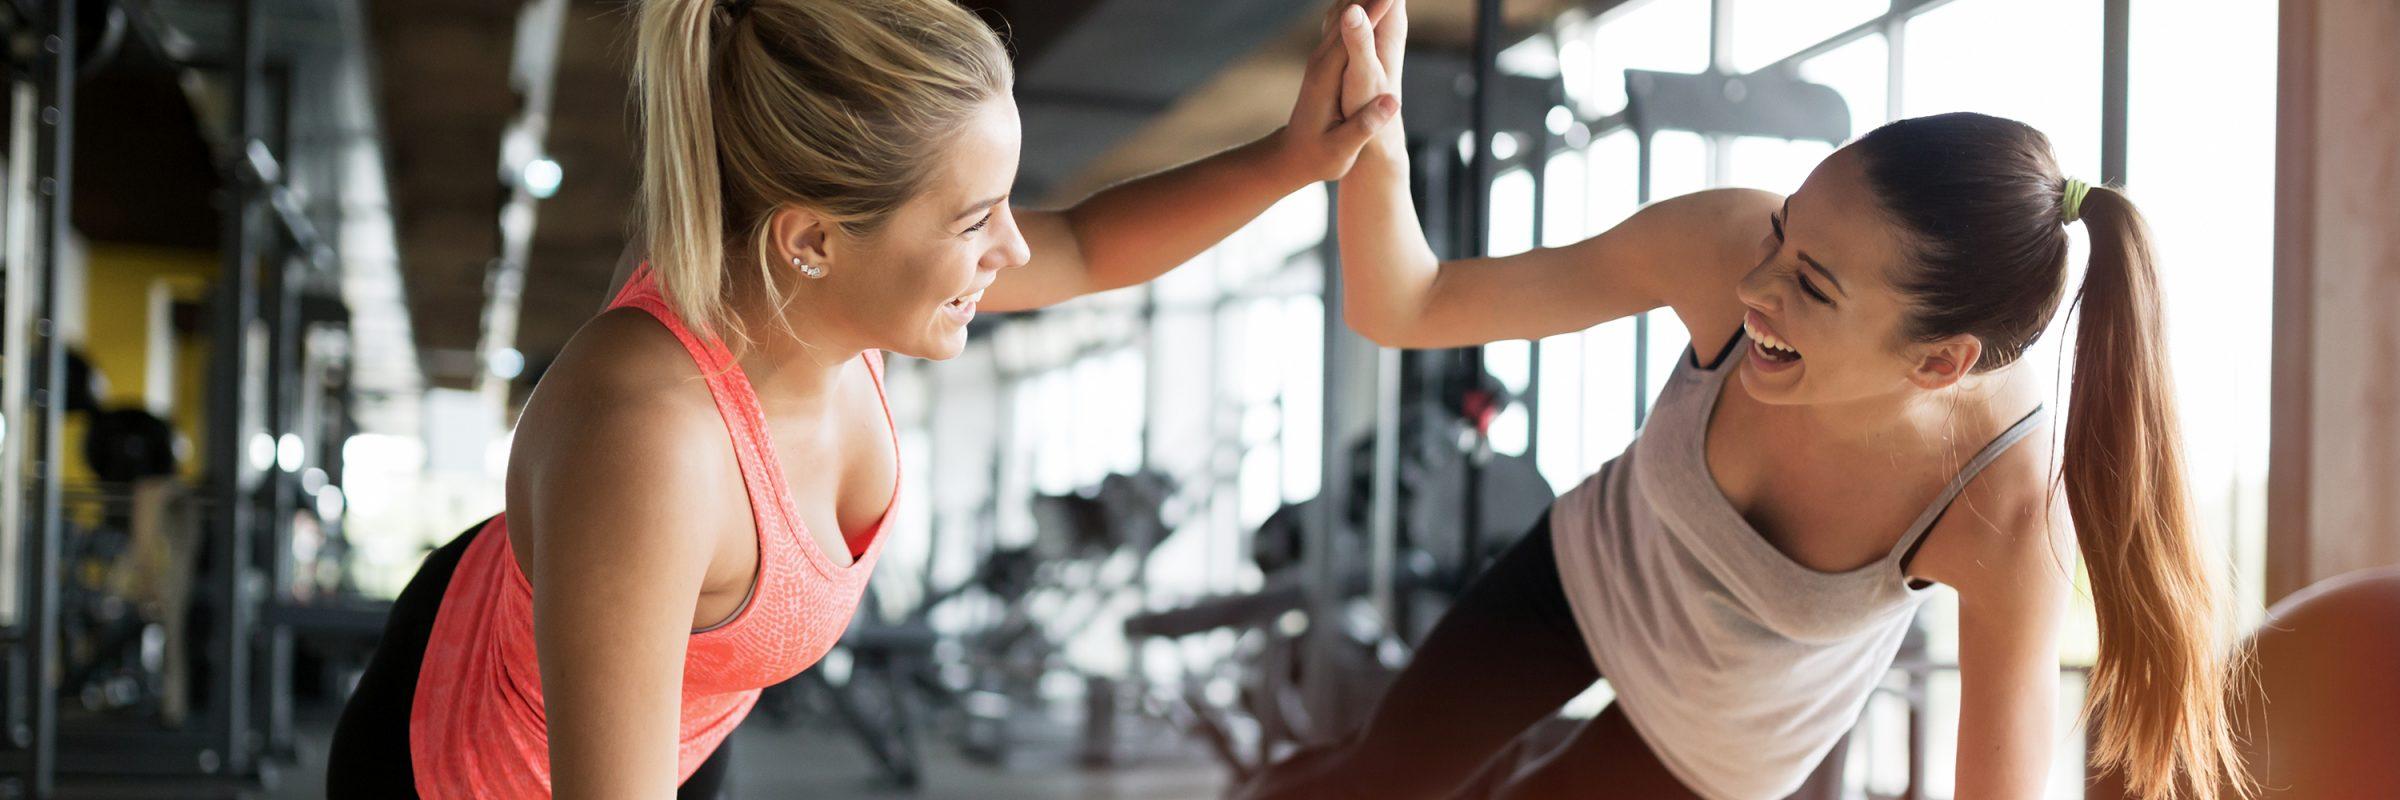 Freundinnen High Five beim Workout